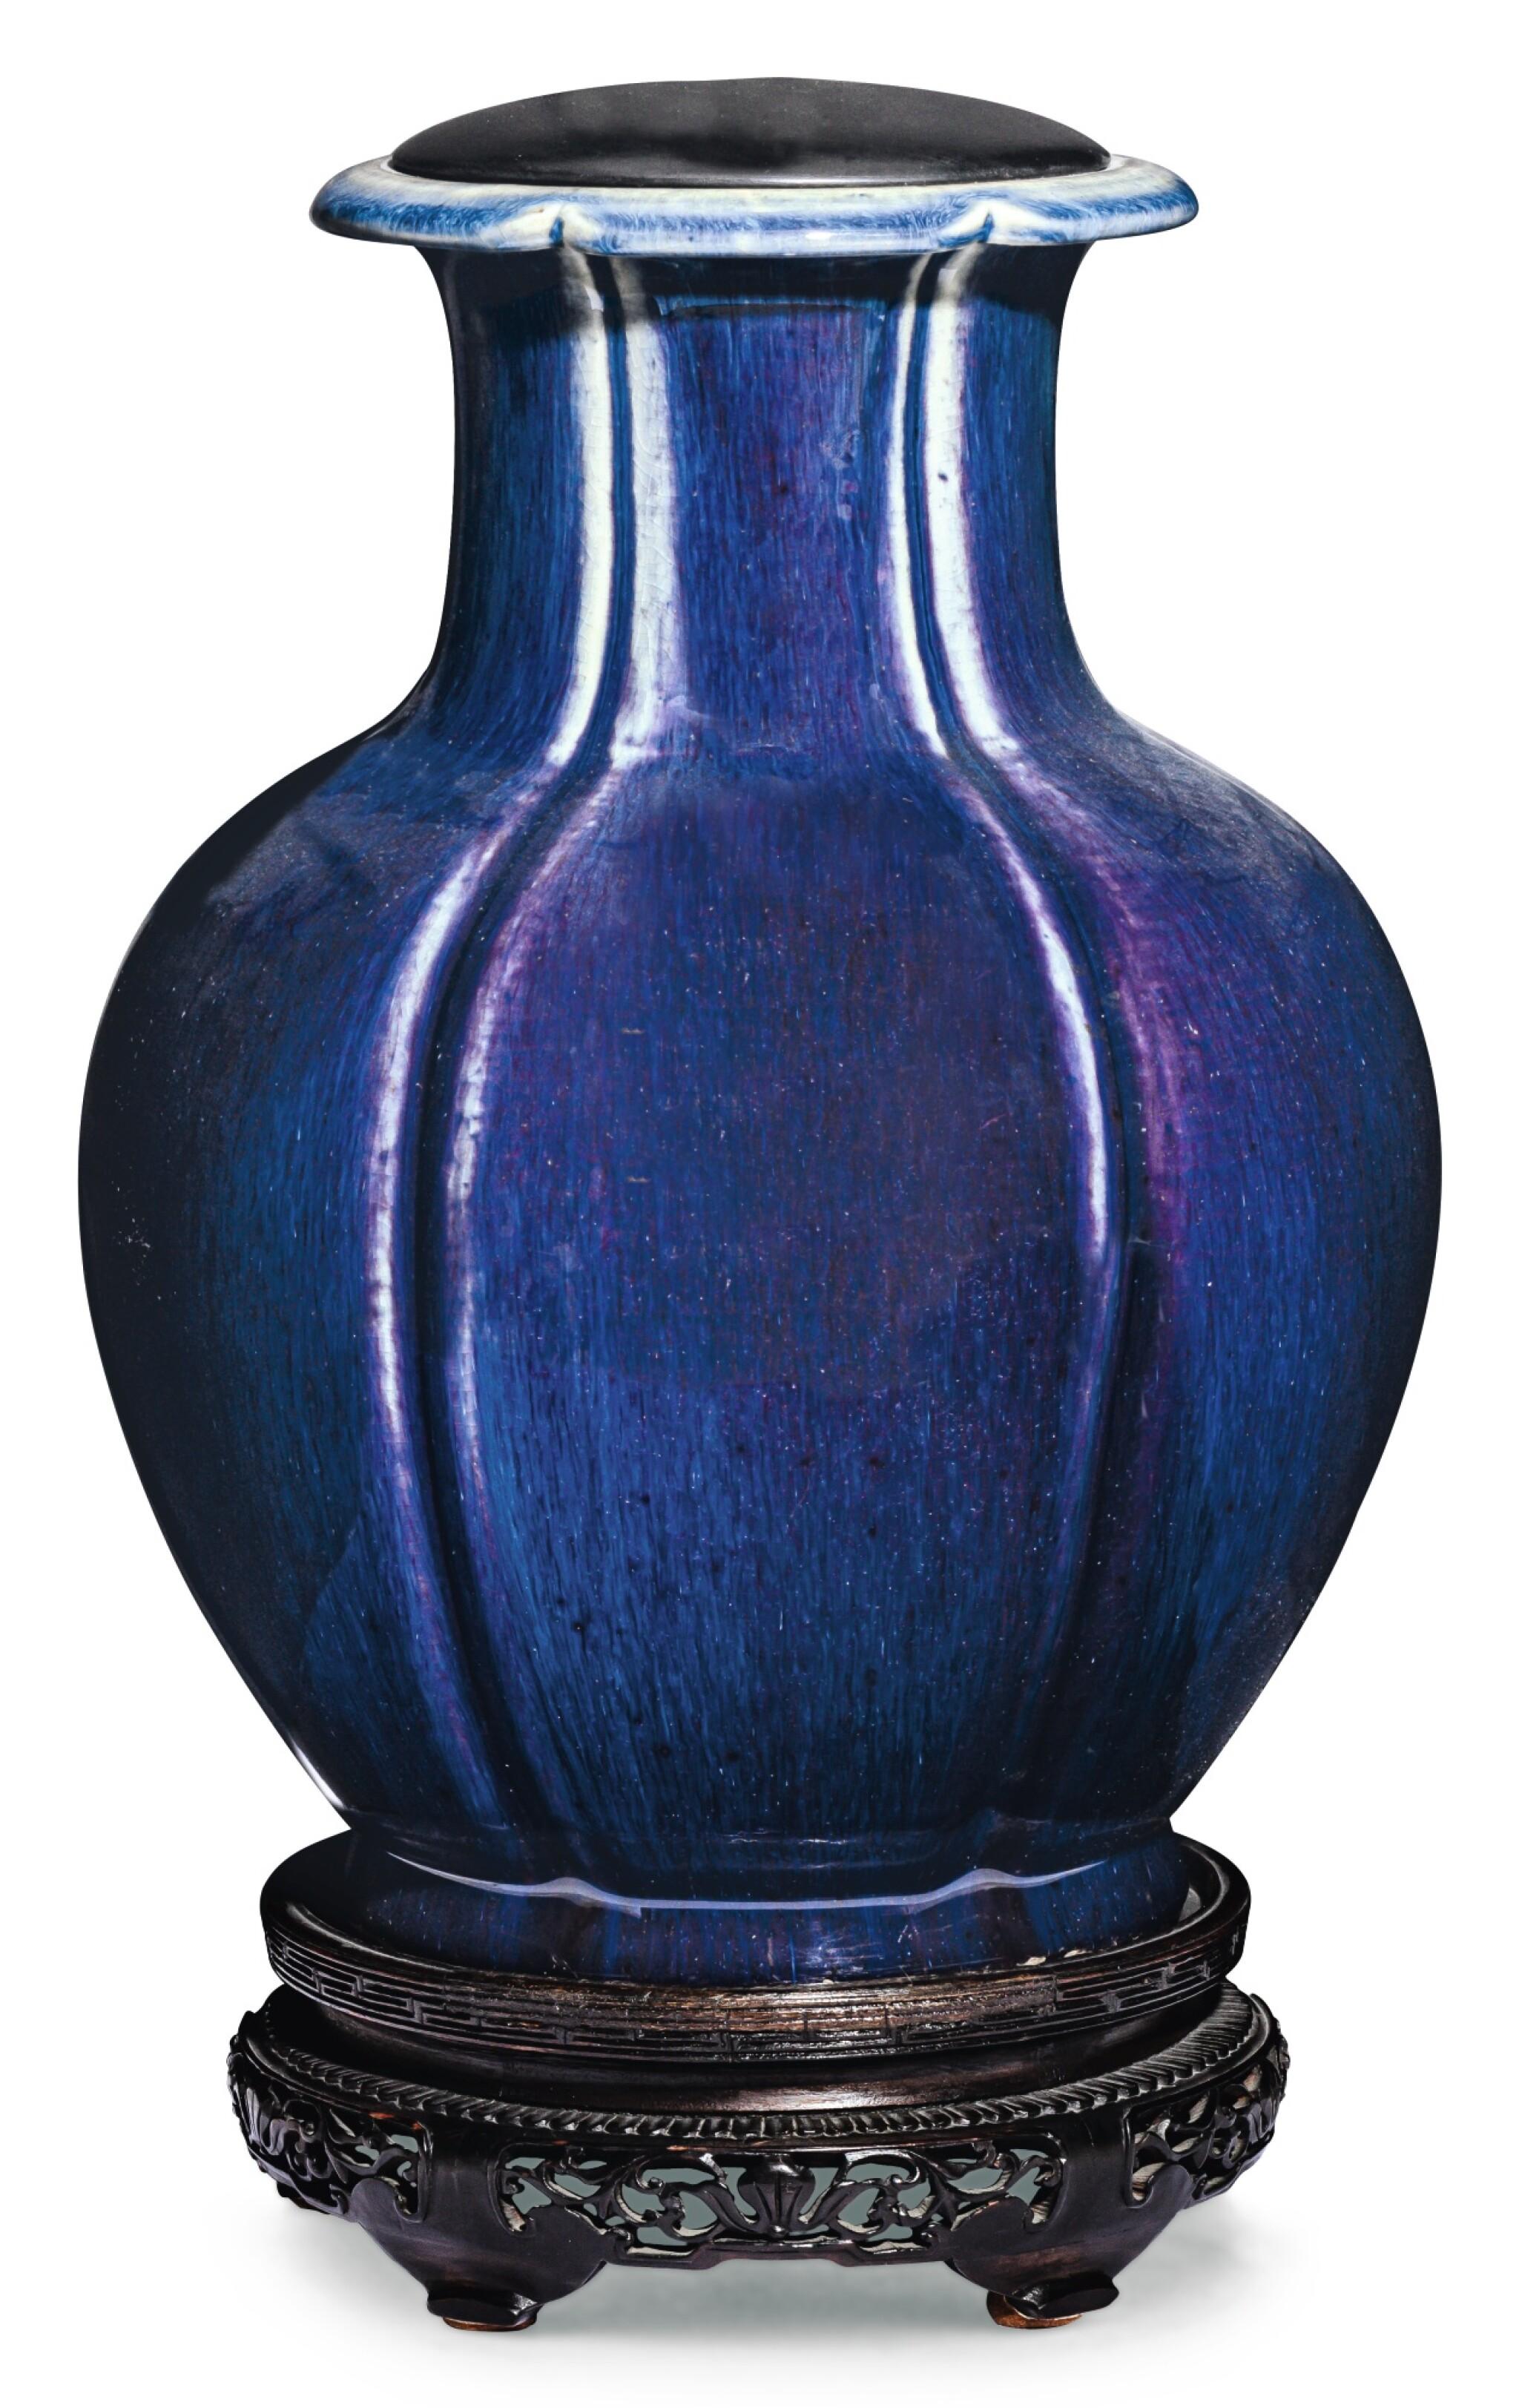 View full screen - View 1 of Lot 15. VASE EN PORCELAINE À GLAÇURE FLAMMÉE ET BRÛLE-PARFUM EN PORCELAINE À GLAÇURE BLEUE DYNASTIE QING, XIXE SIÈCLE   清十九世紀 窰變釉石榴瓶 及 清十九世紀 藍釉三足爐   A flambe-glazed 'pomegranate' lobed vase and a blue-glazed tripod censer, Qing Dynasty, 19th century.